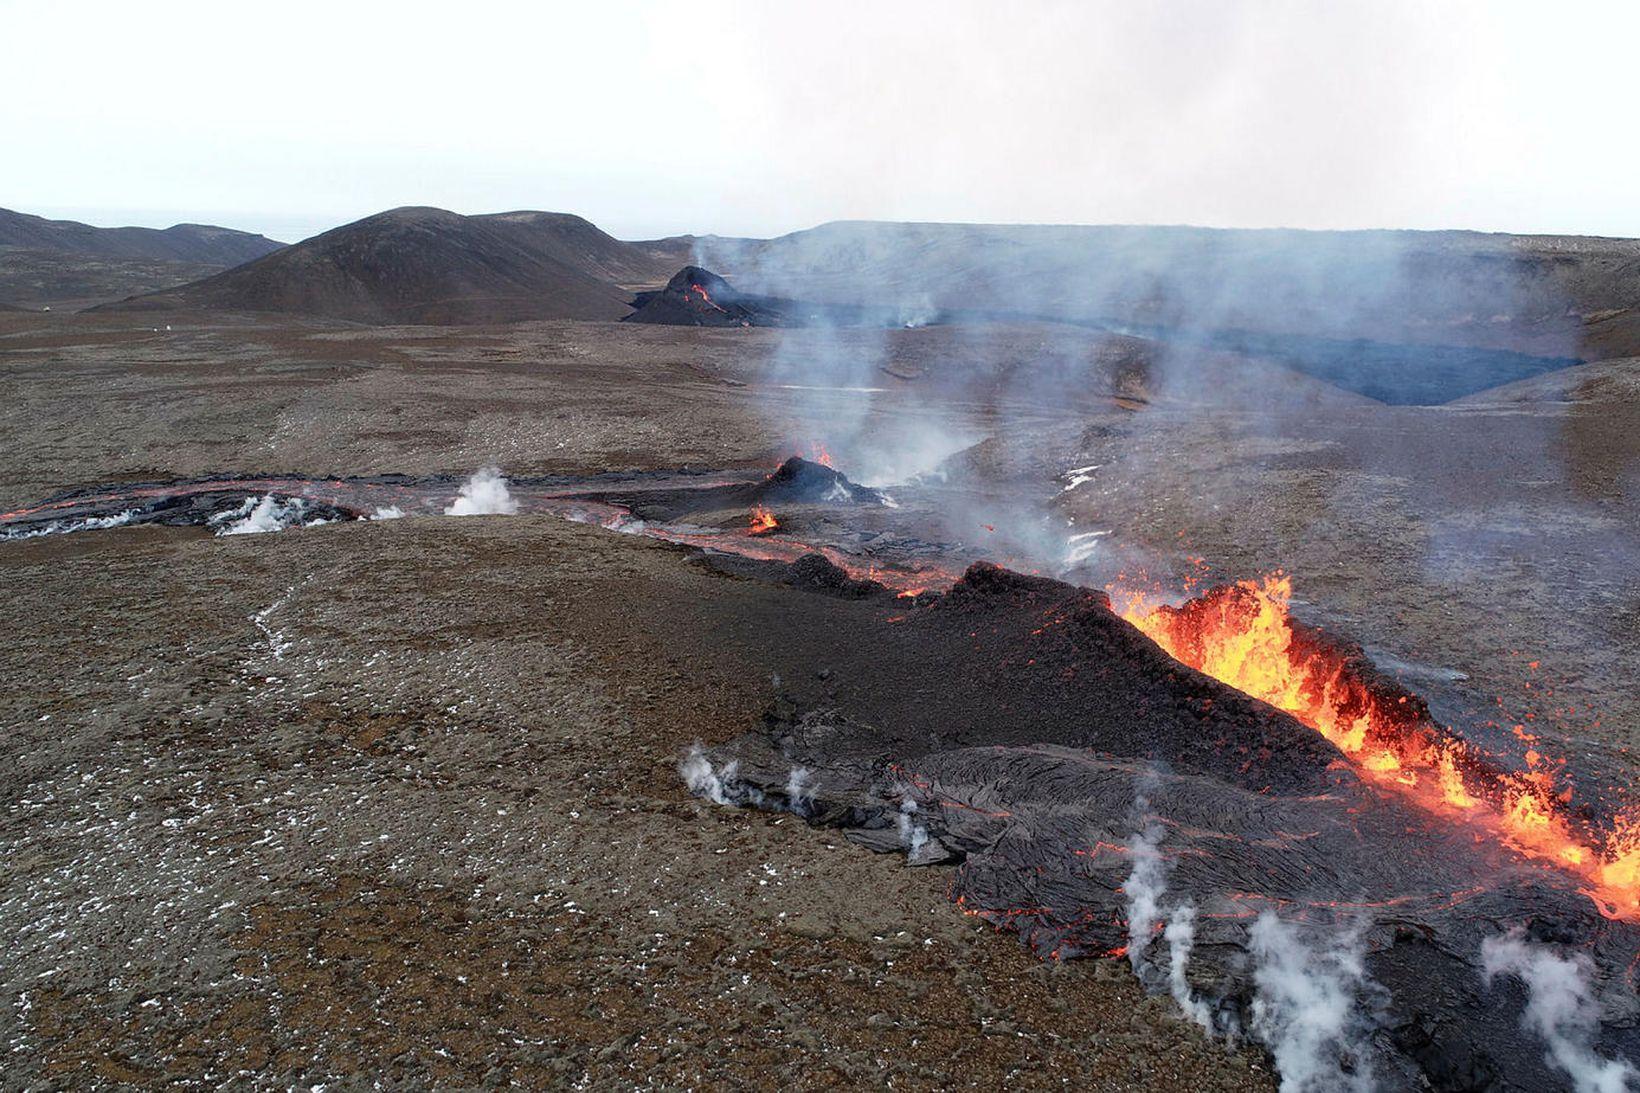 Sprunga sem opnaðist á öðrum degi páska, 5. apríl.